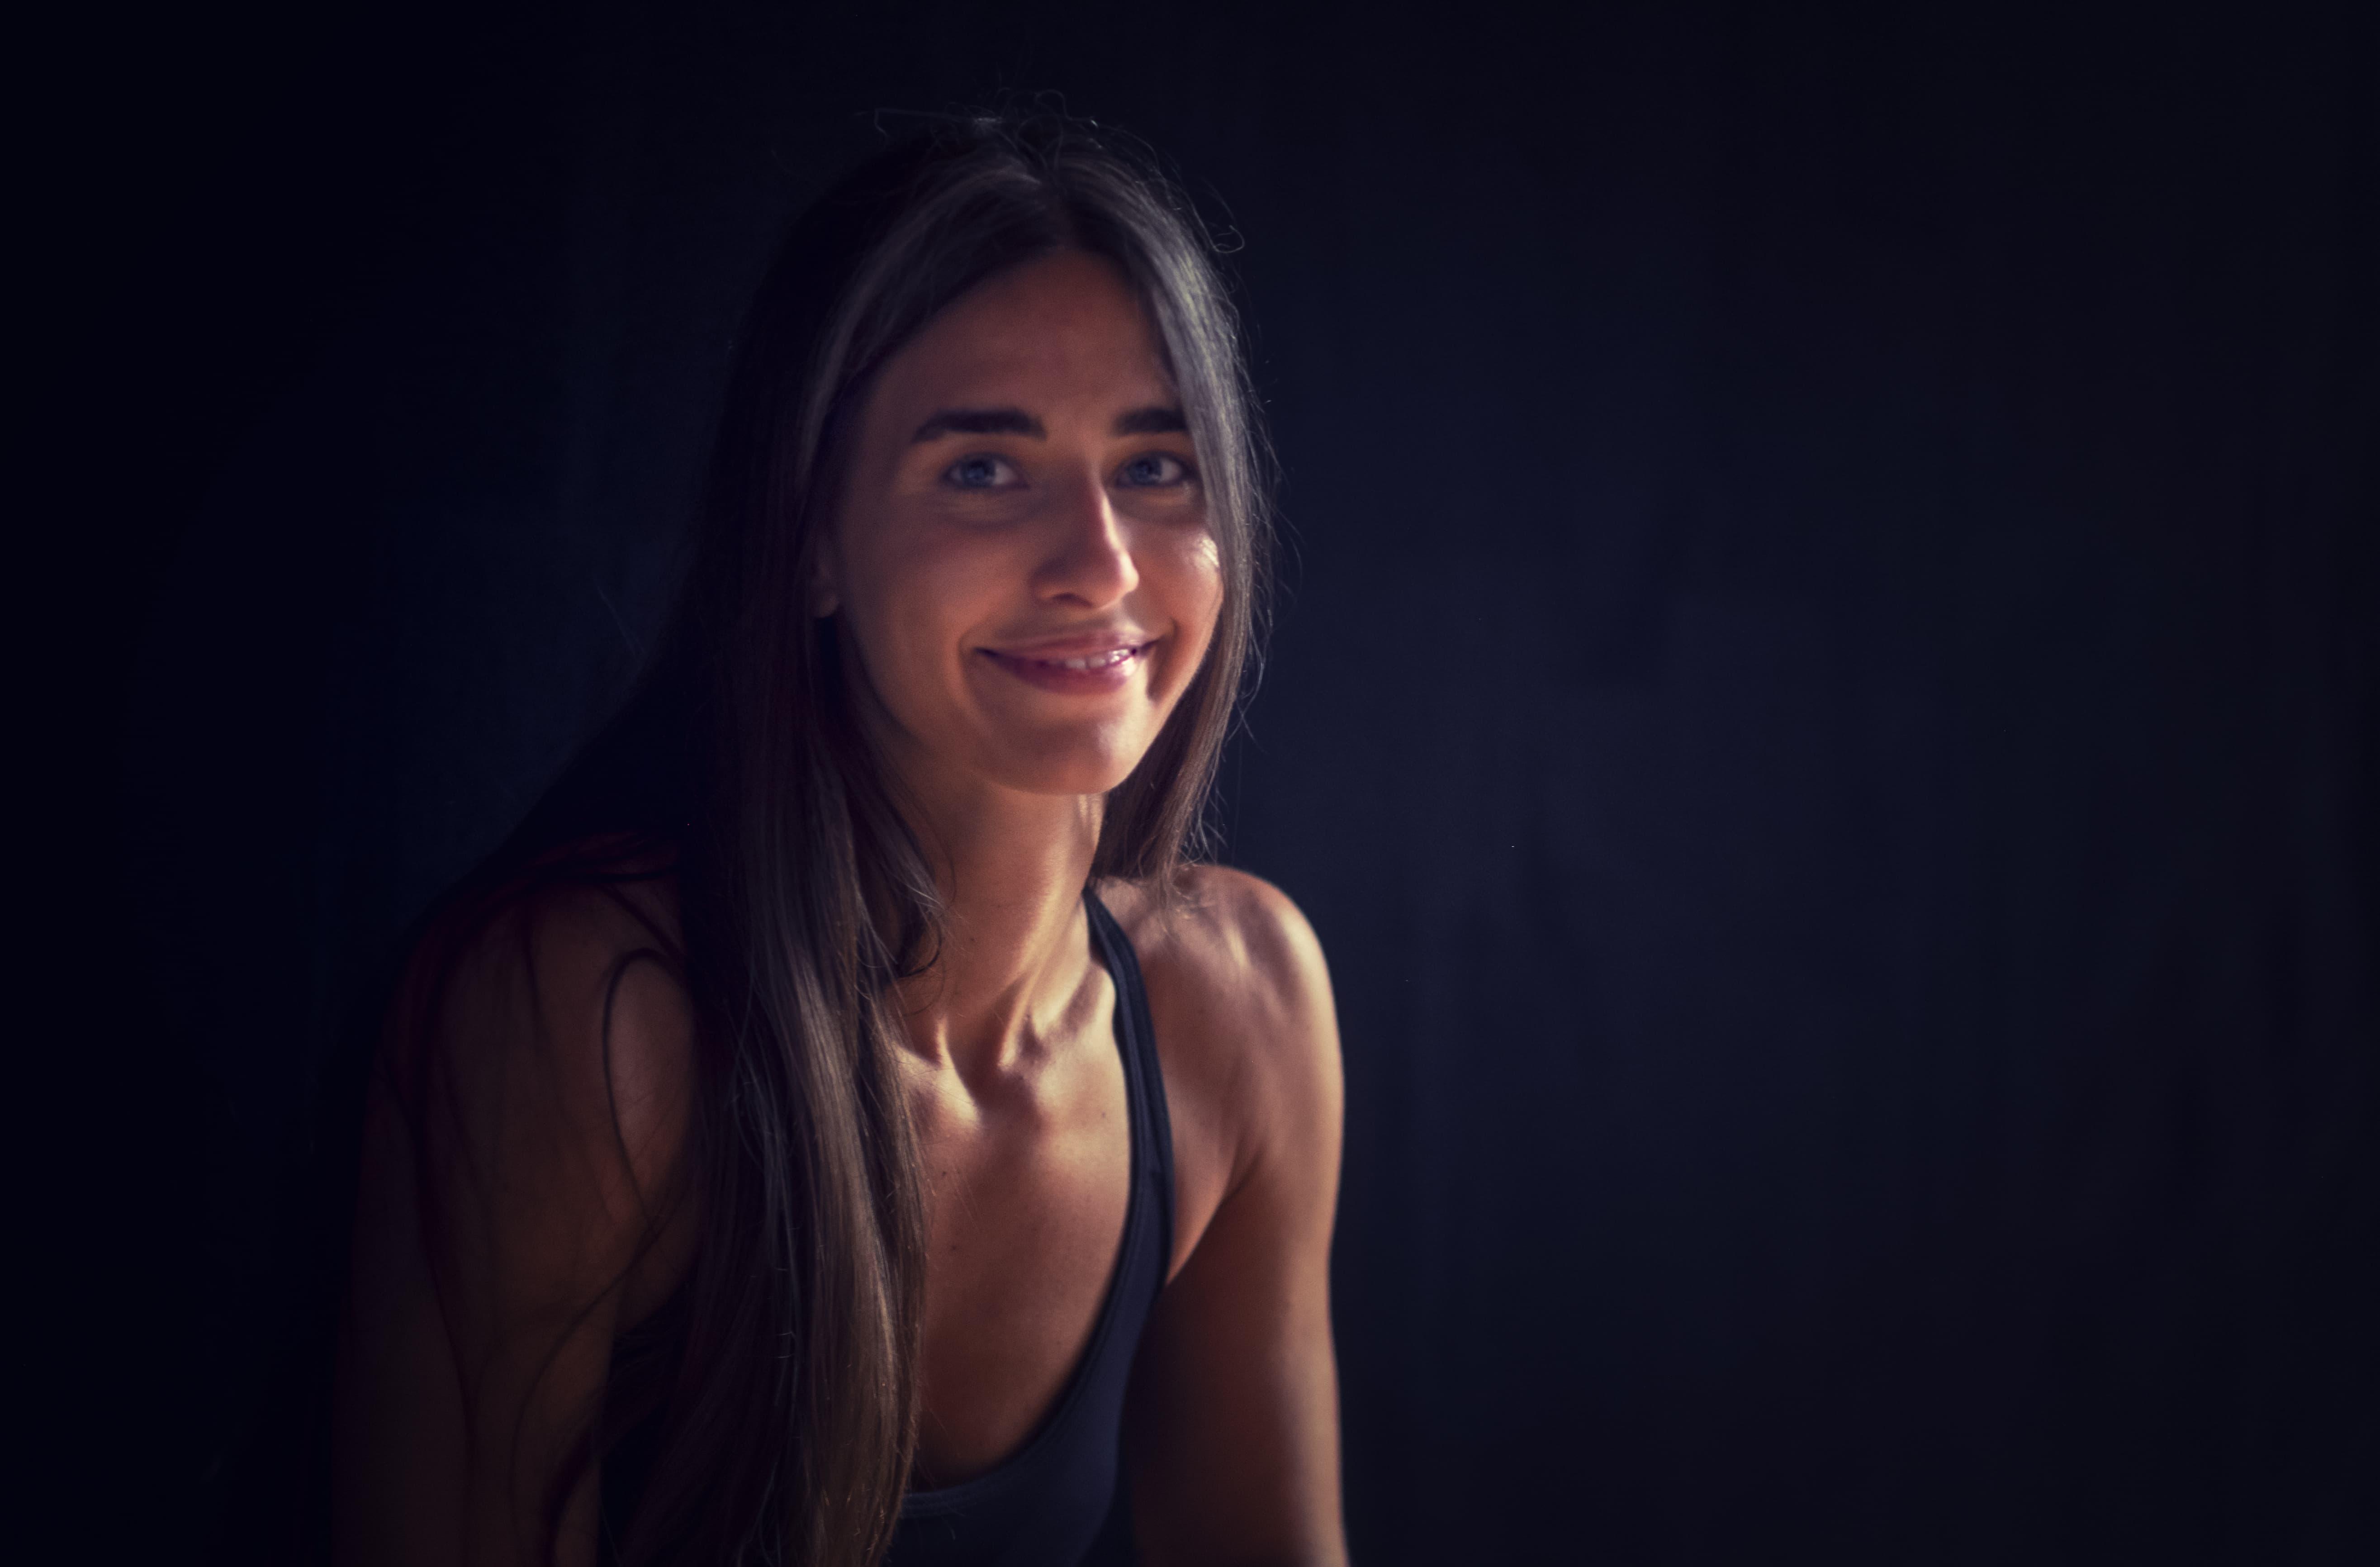 Elena Blazevic